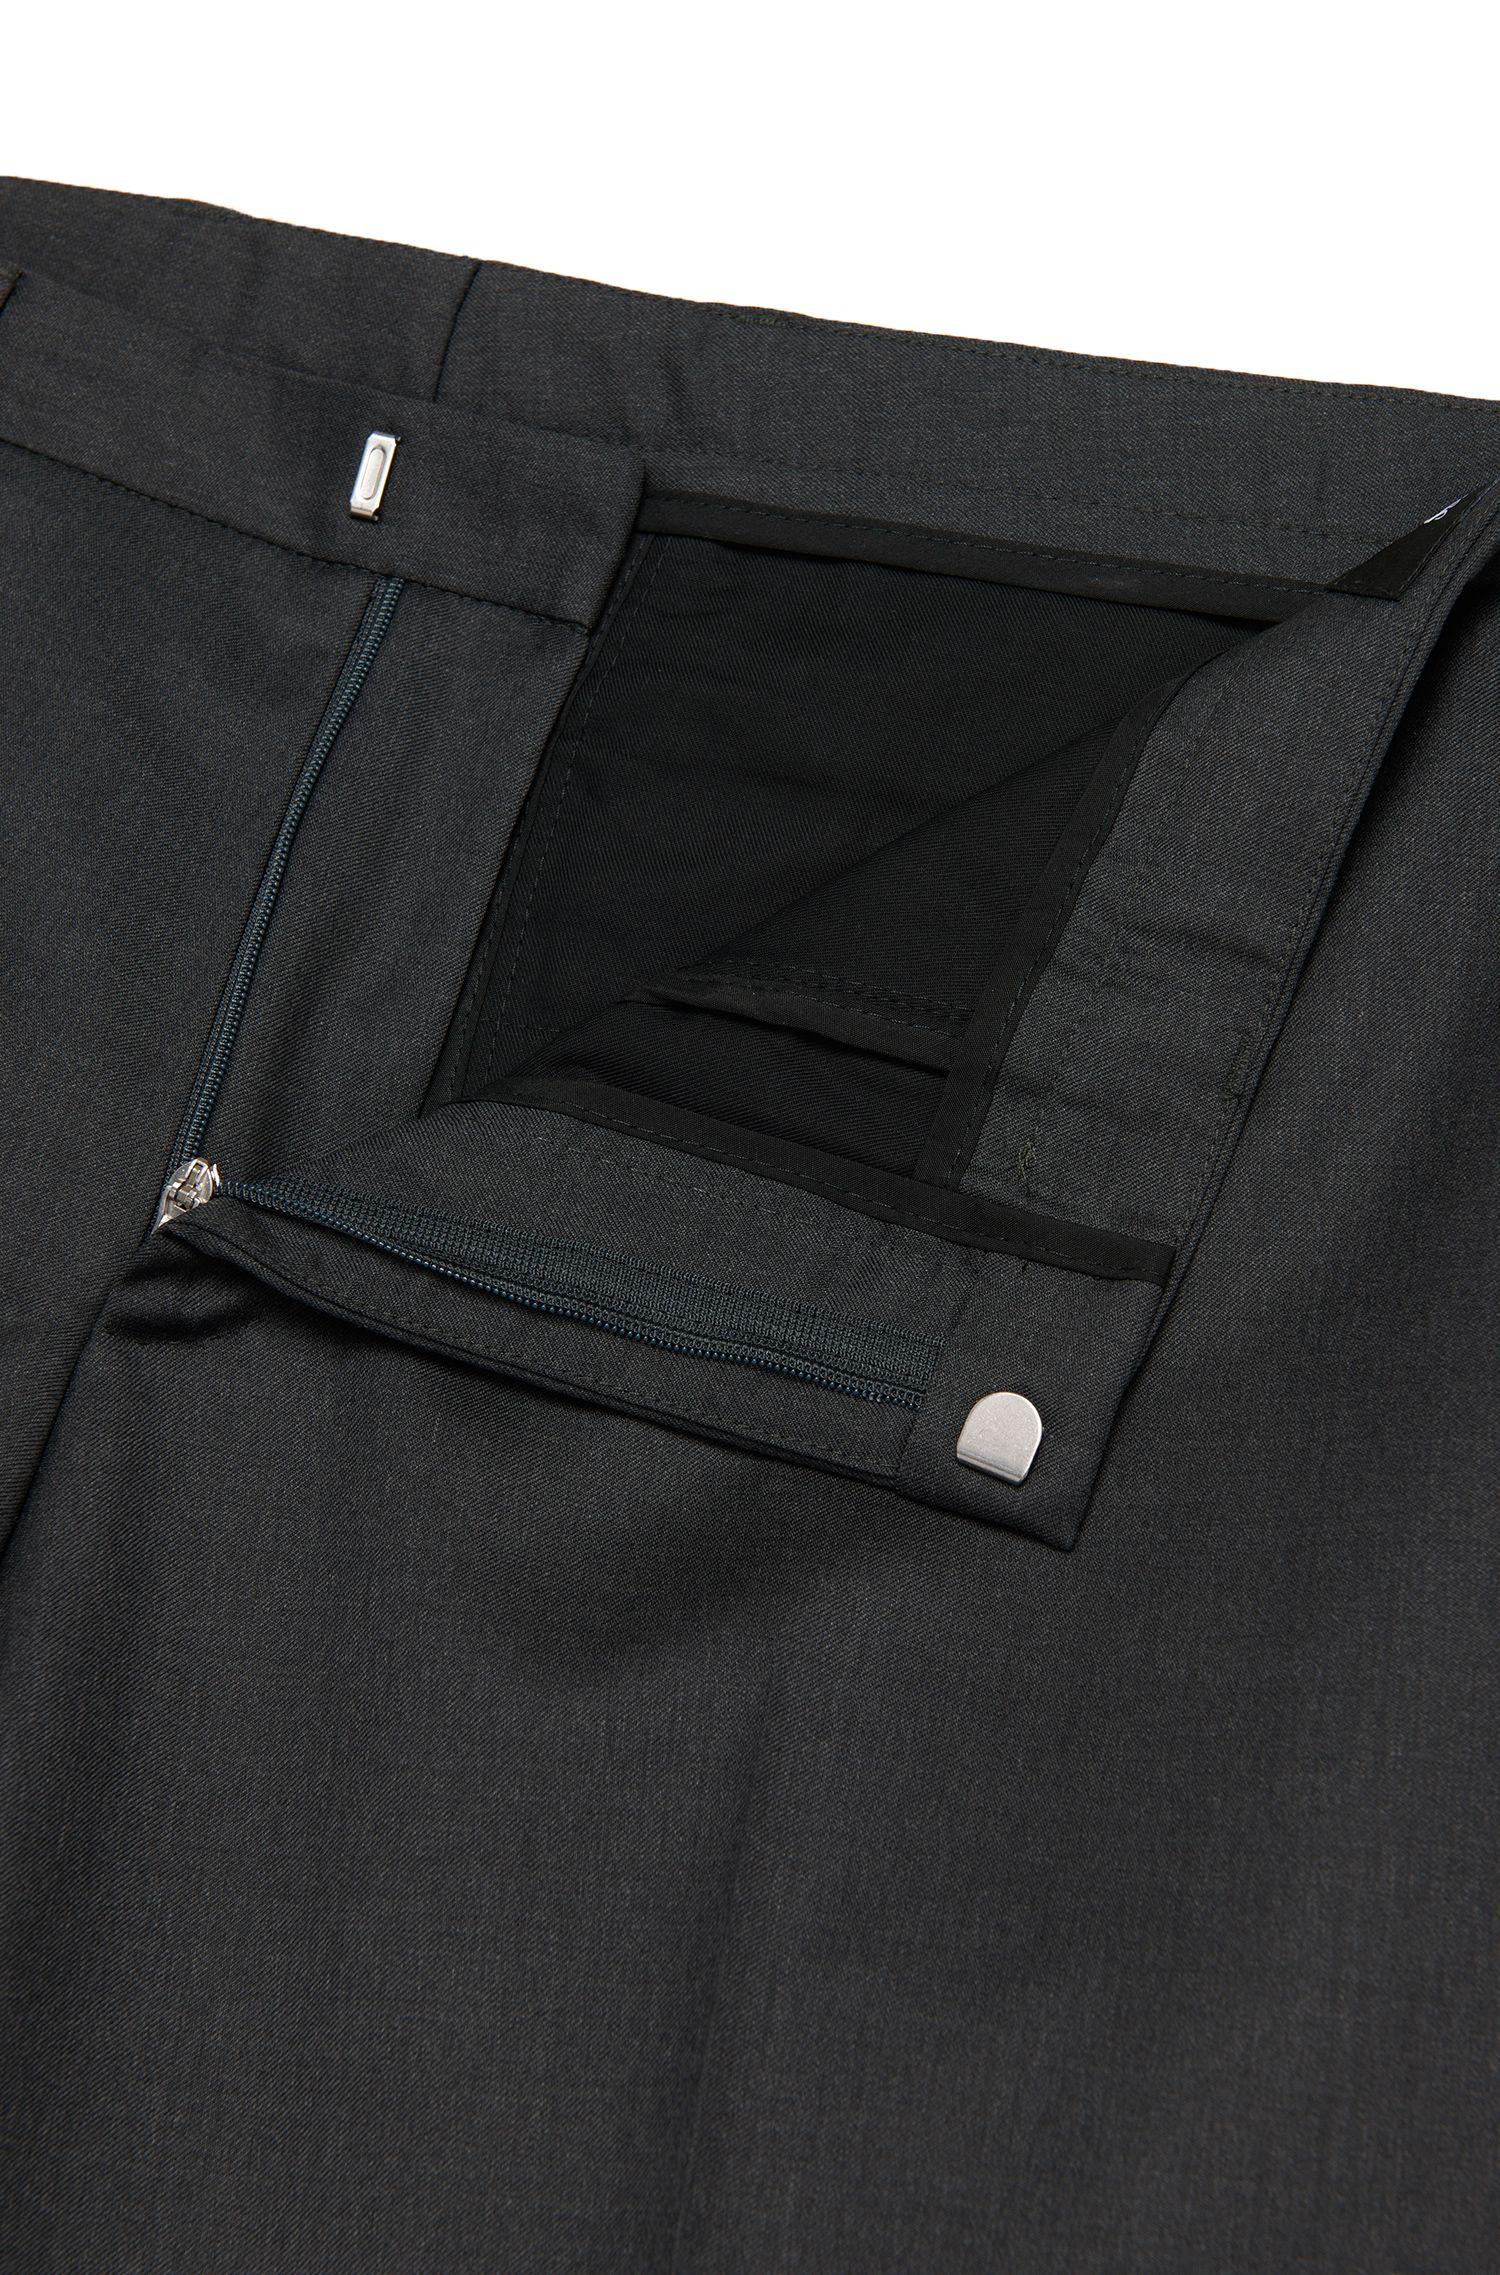 Pantalon Extra Slim Fit en laine vierge: «Wave_cyl»